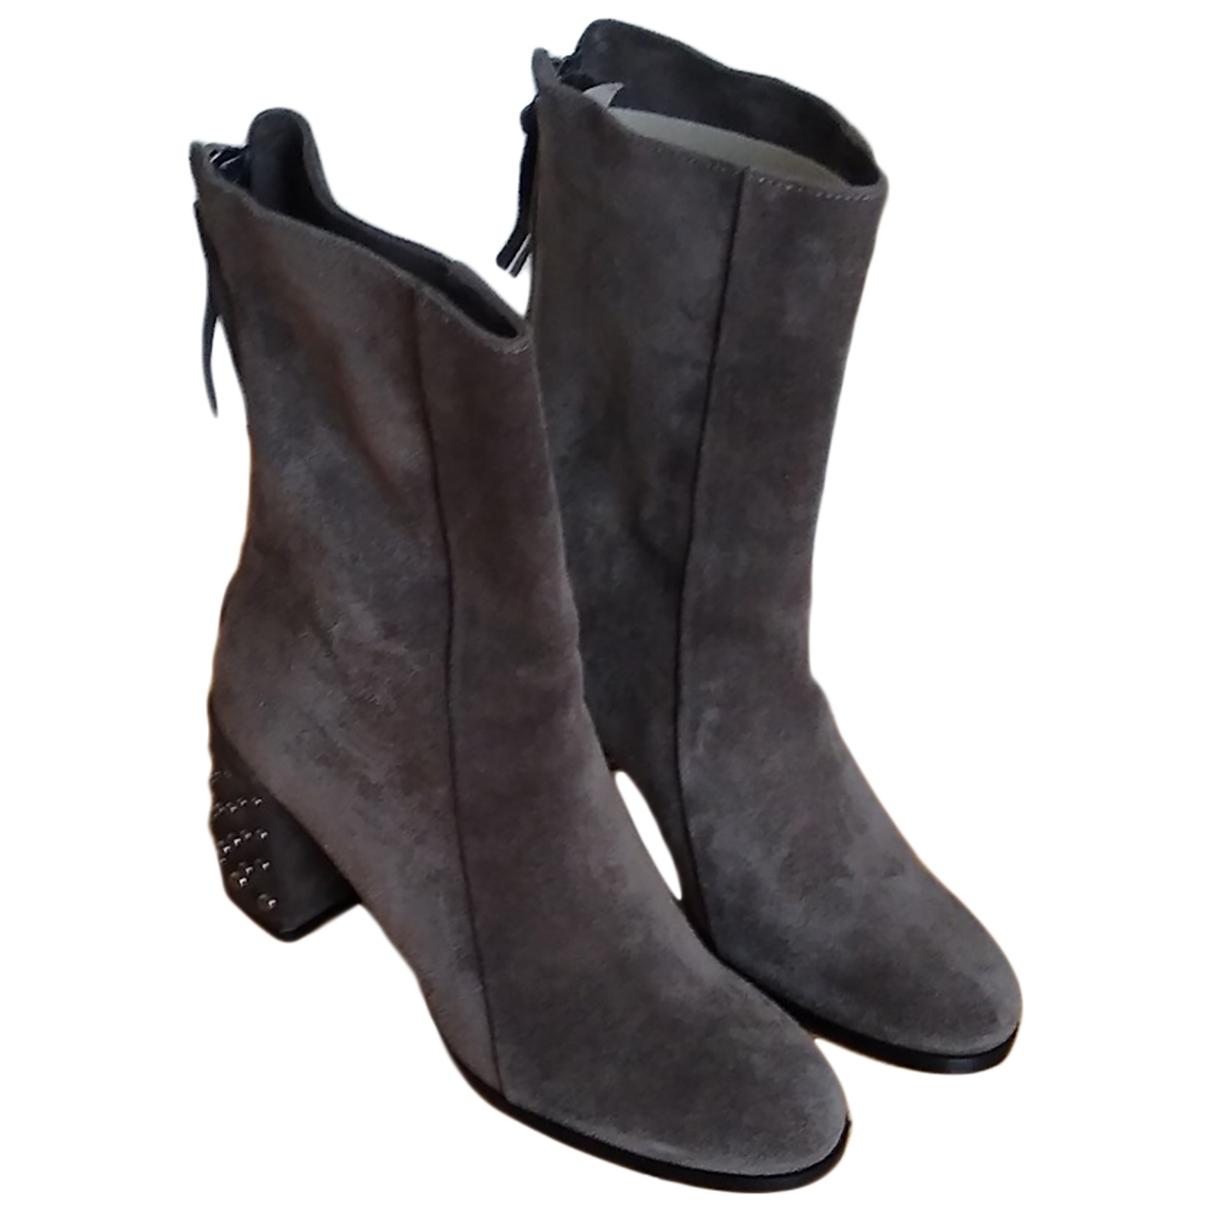 Dorothee Schumacher - Boots   pour femme en cuir - gris